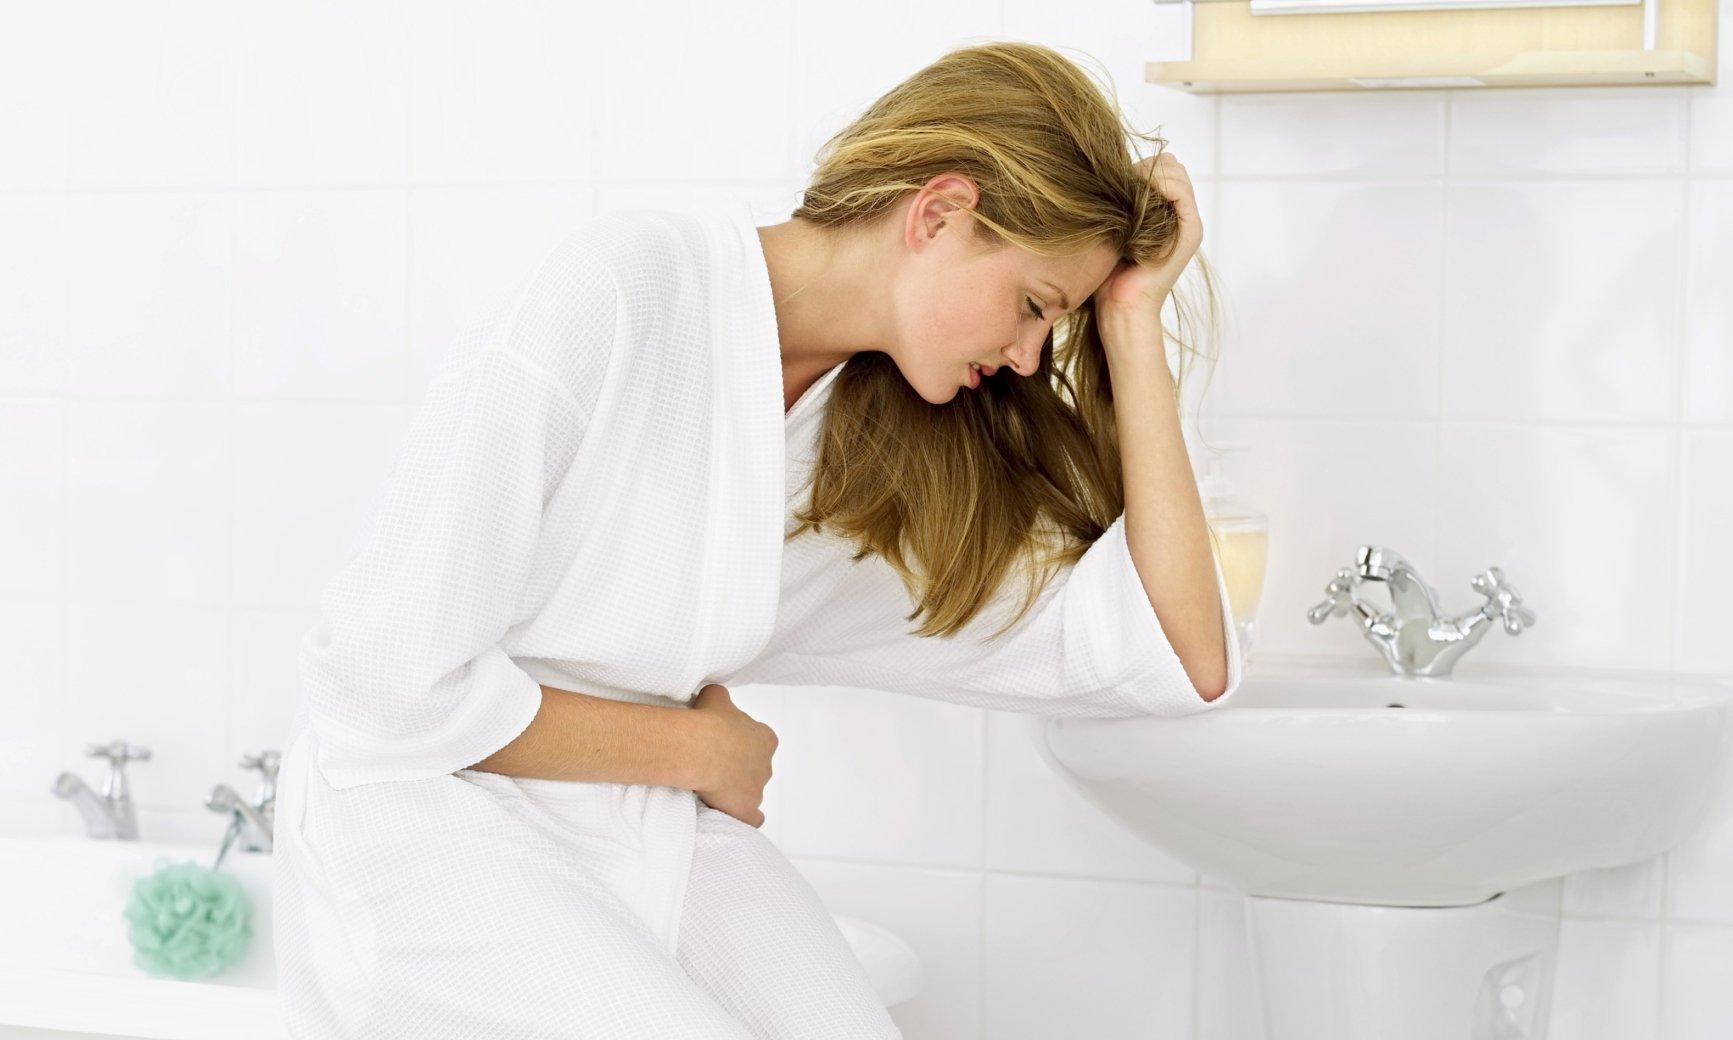 Biểu hiện của sỏi thận chỉ rõ ràng khi sỏi di chuyển, cọ xát và gây ra biến chứng ảnh hưởng đến sức khỏe